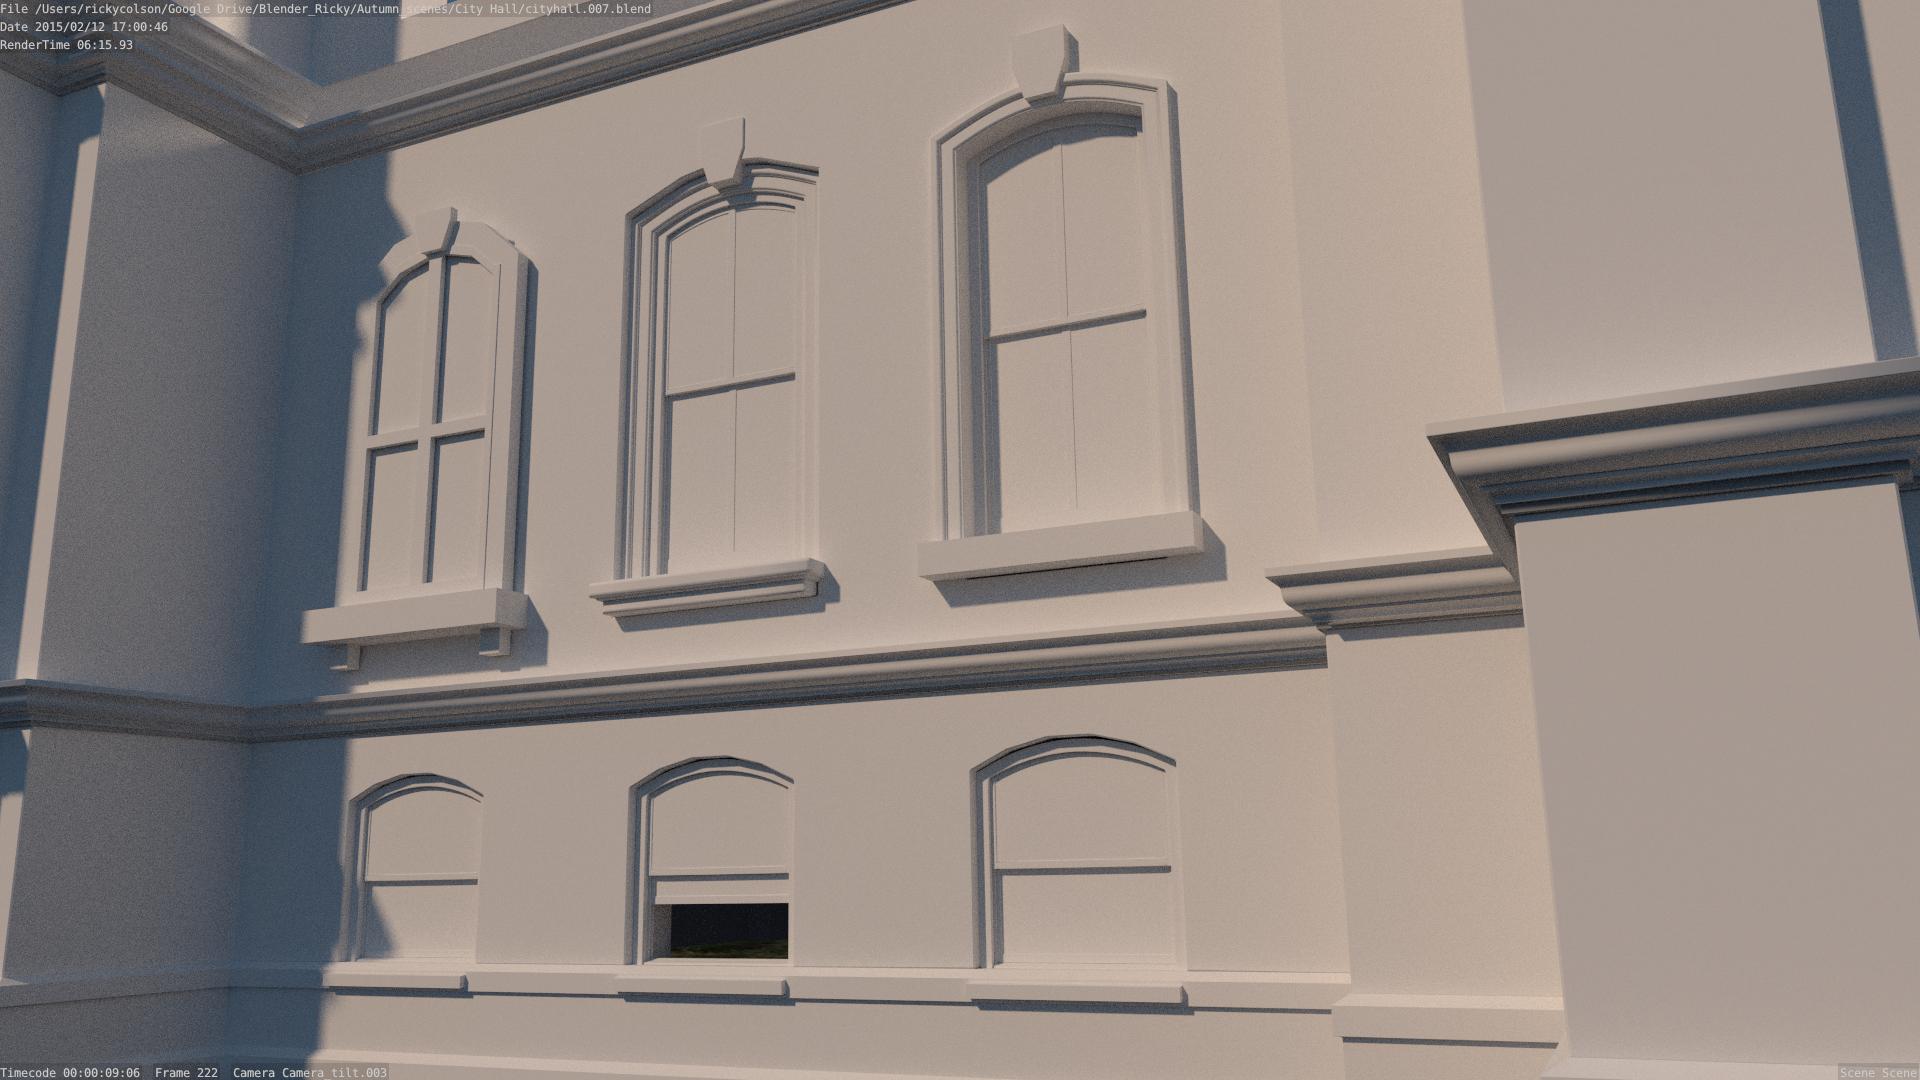 City Hall facade clay render